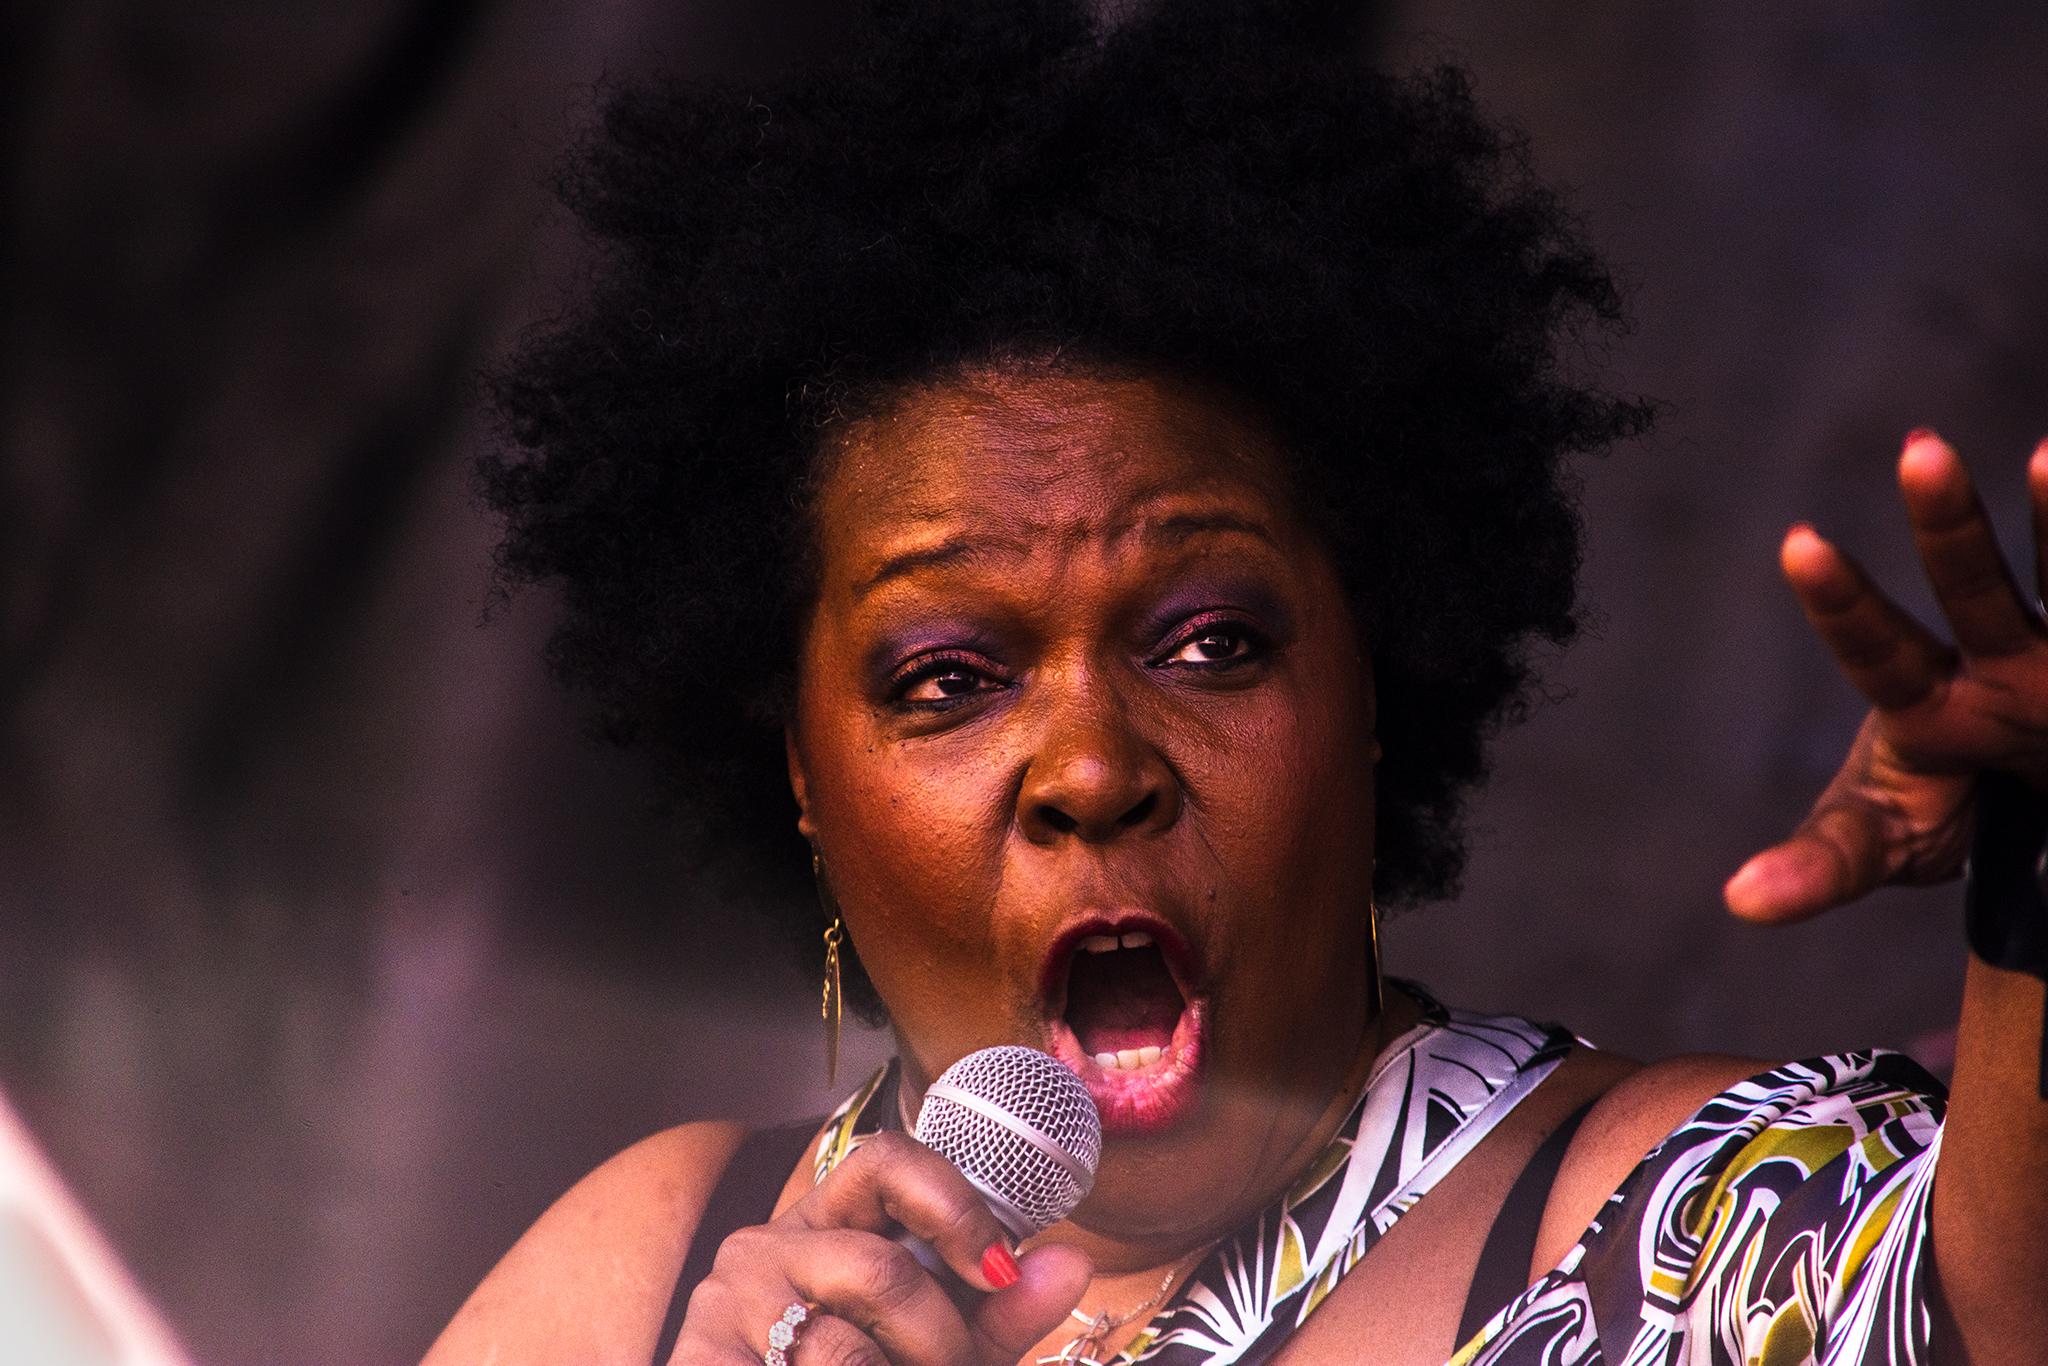 Fotografías del concierto de Gisele Jackson en Lugo